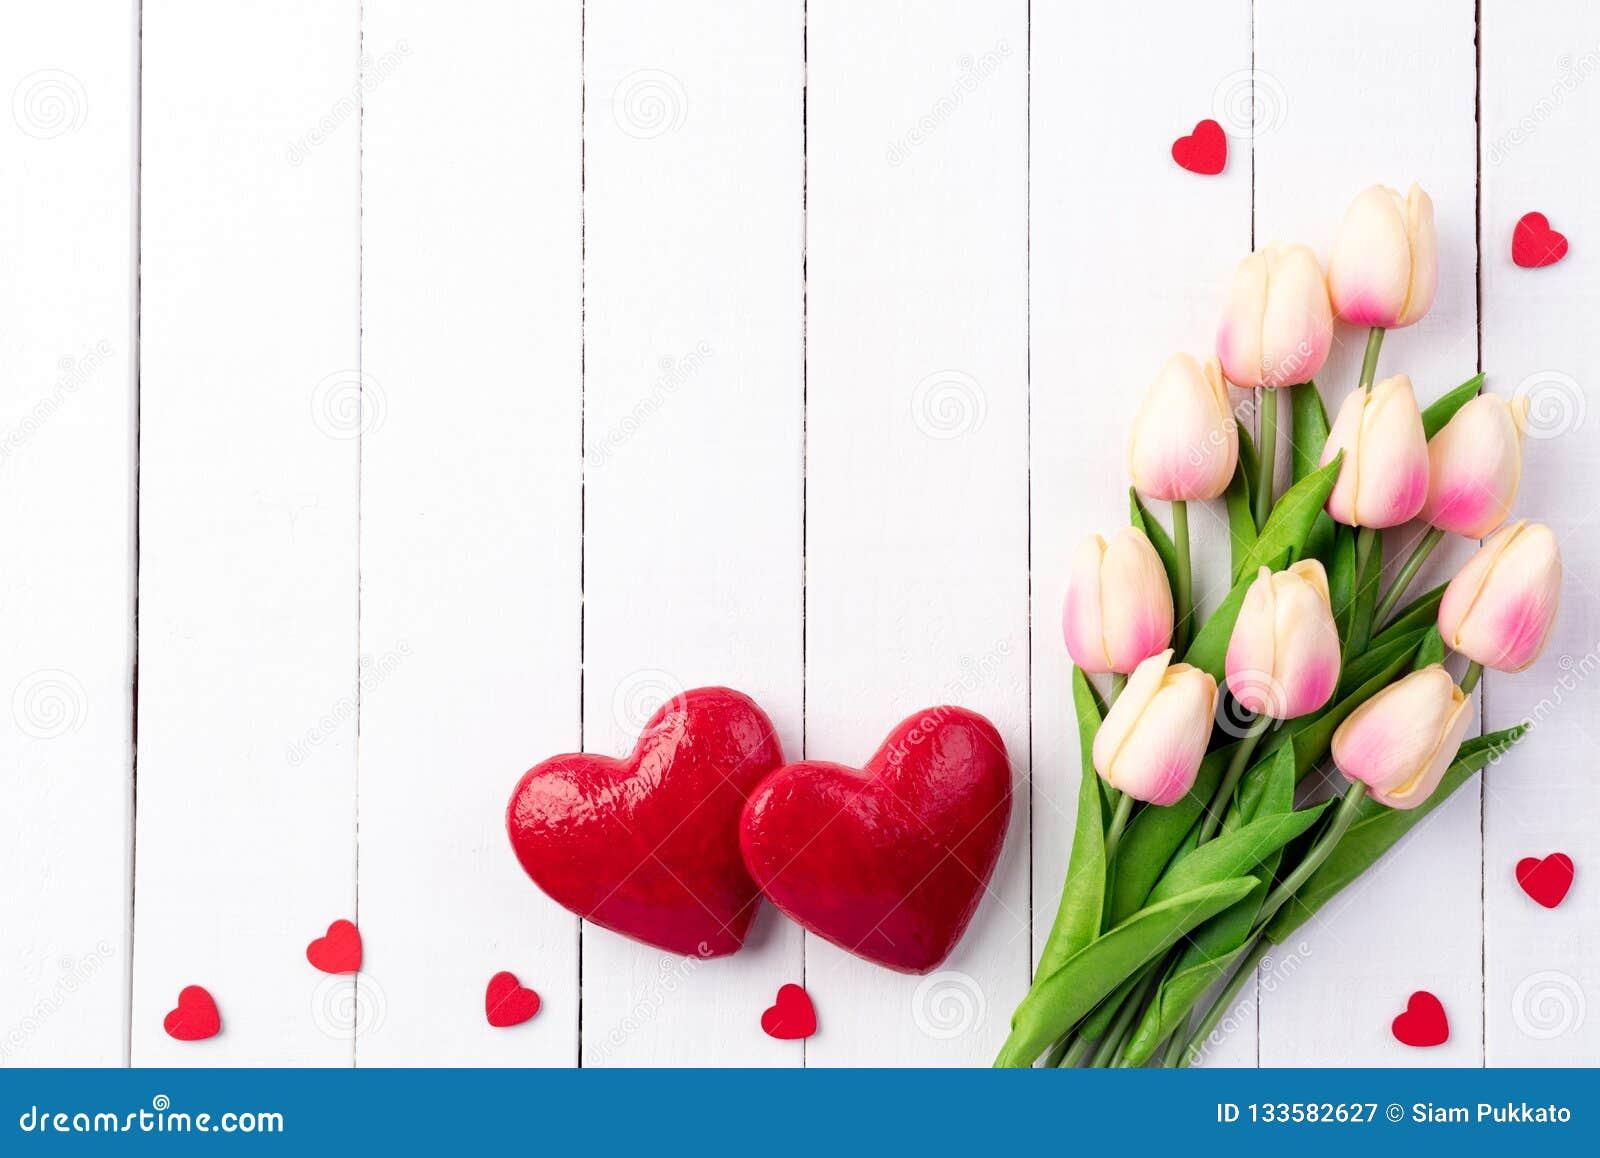 Walentynka dzień i miłości pojęcie Dwa handmade czerwonego serca z tulipanami